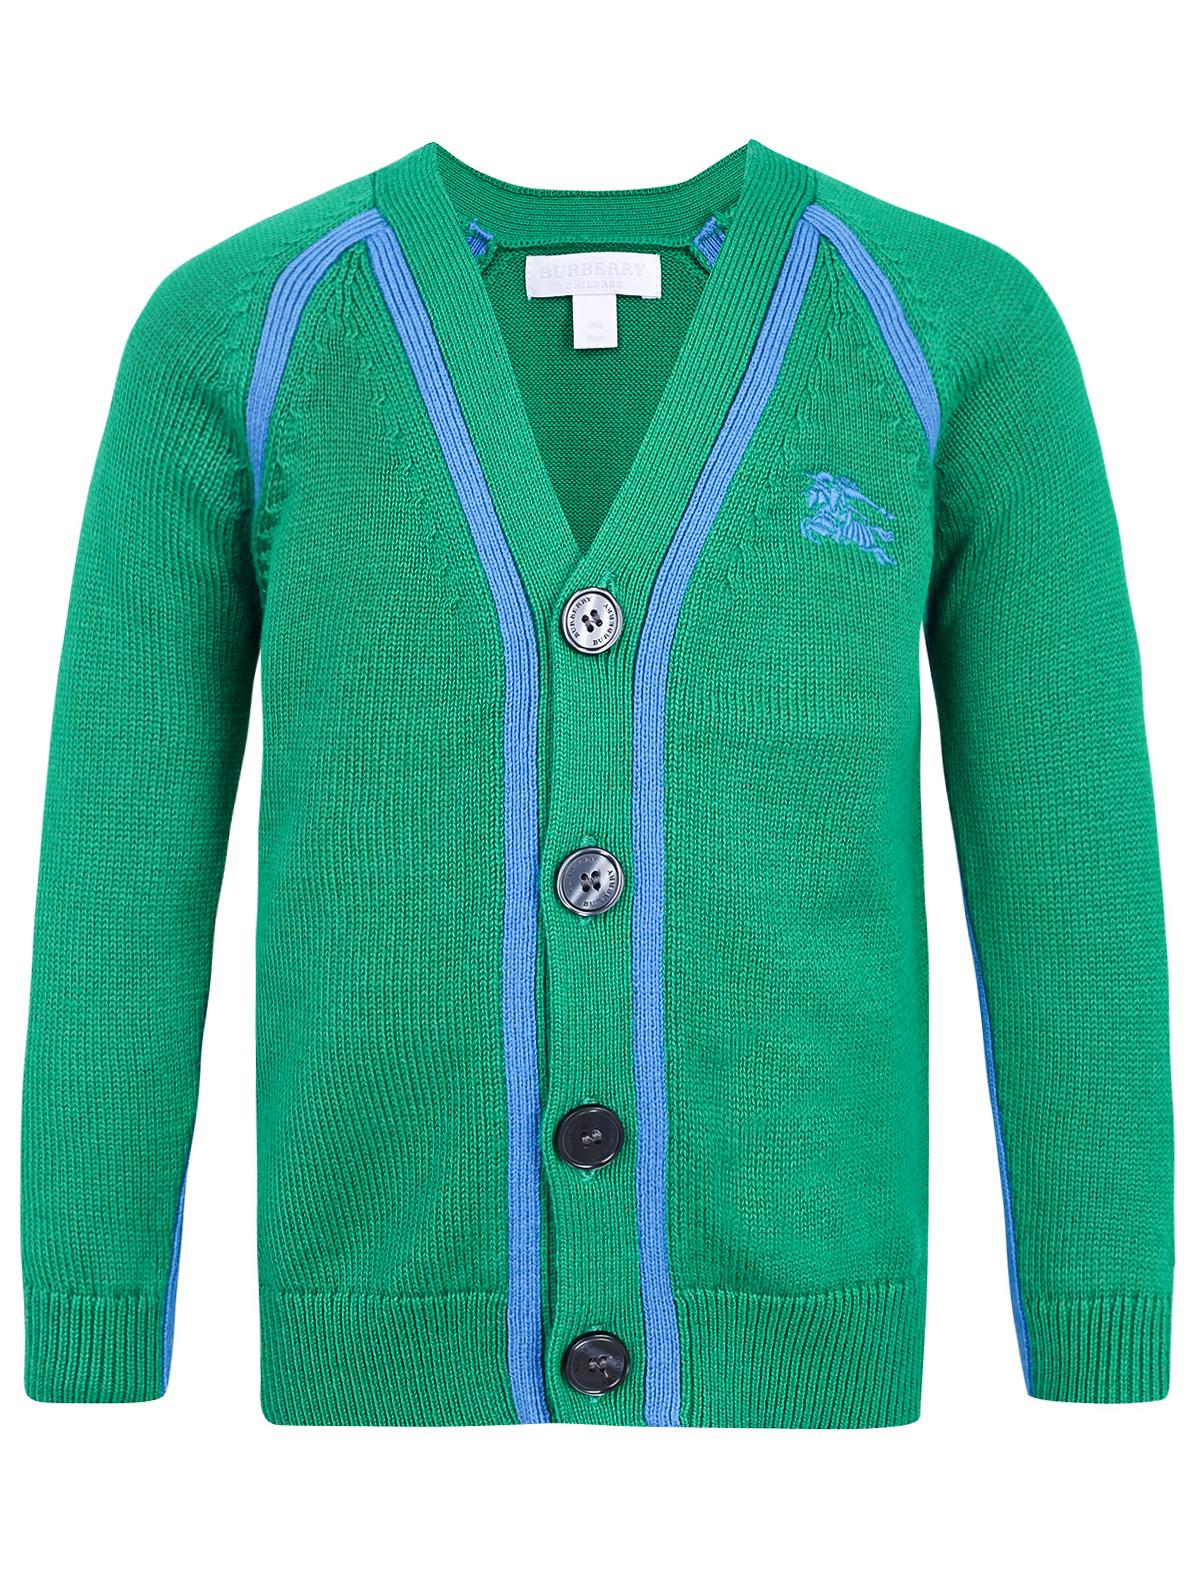 Купить 1955938, Кардиган Burberry, зеленый, Мужской, 1402219971314